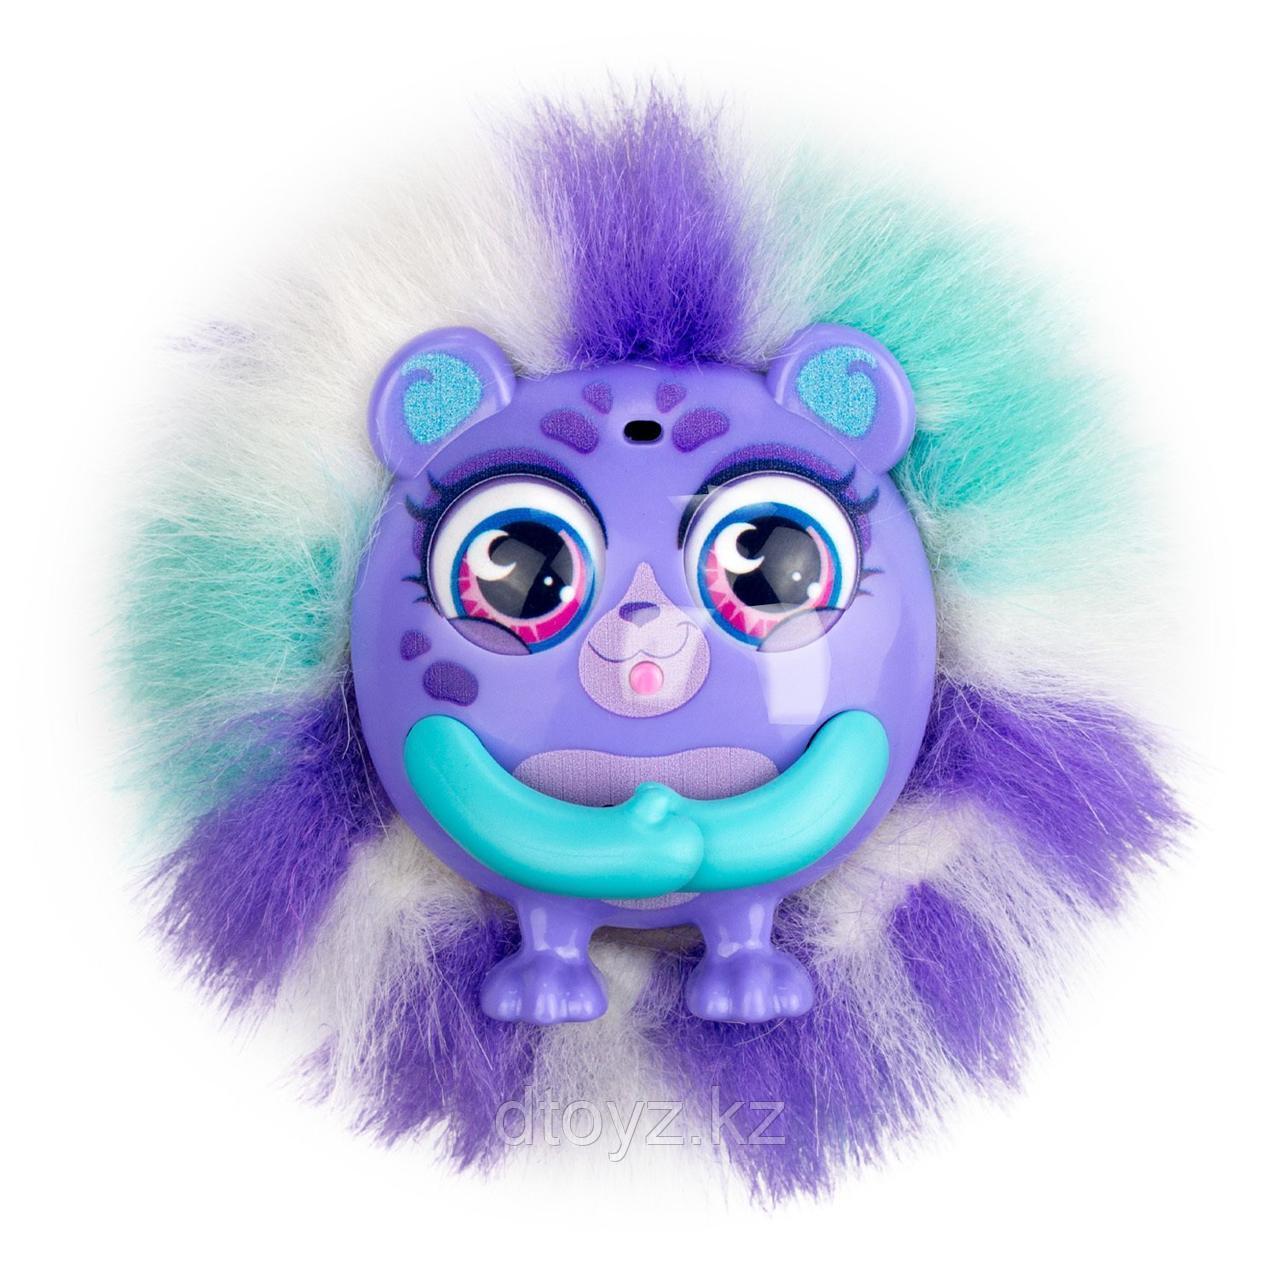 Tiny Furries Tiny Furry Cookie интерактивная 83690_12